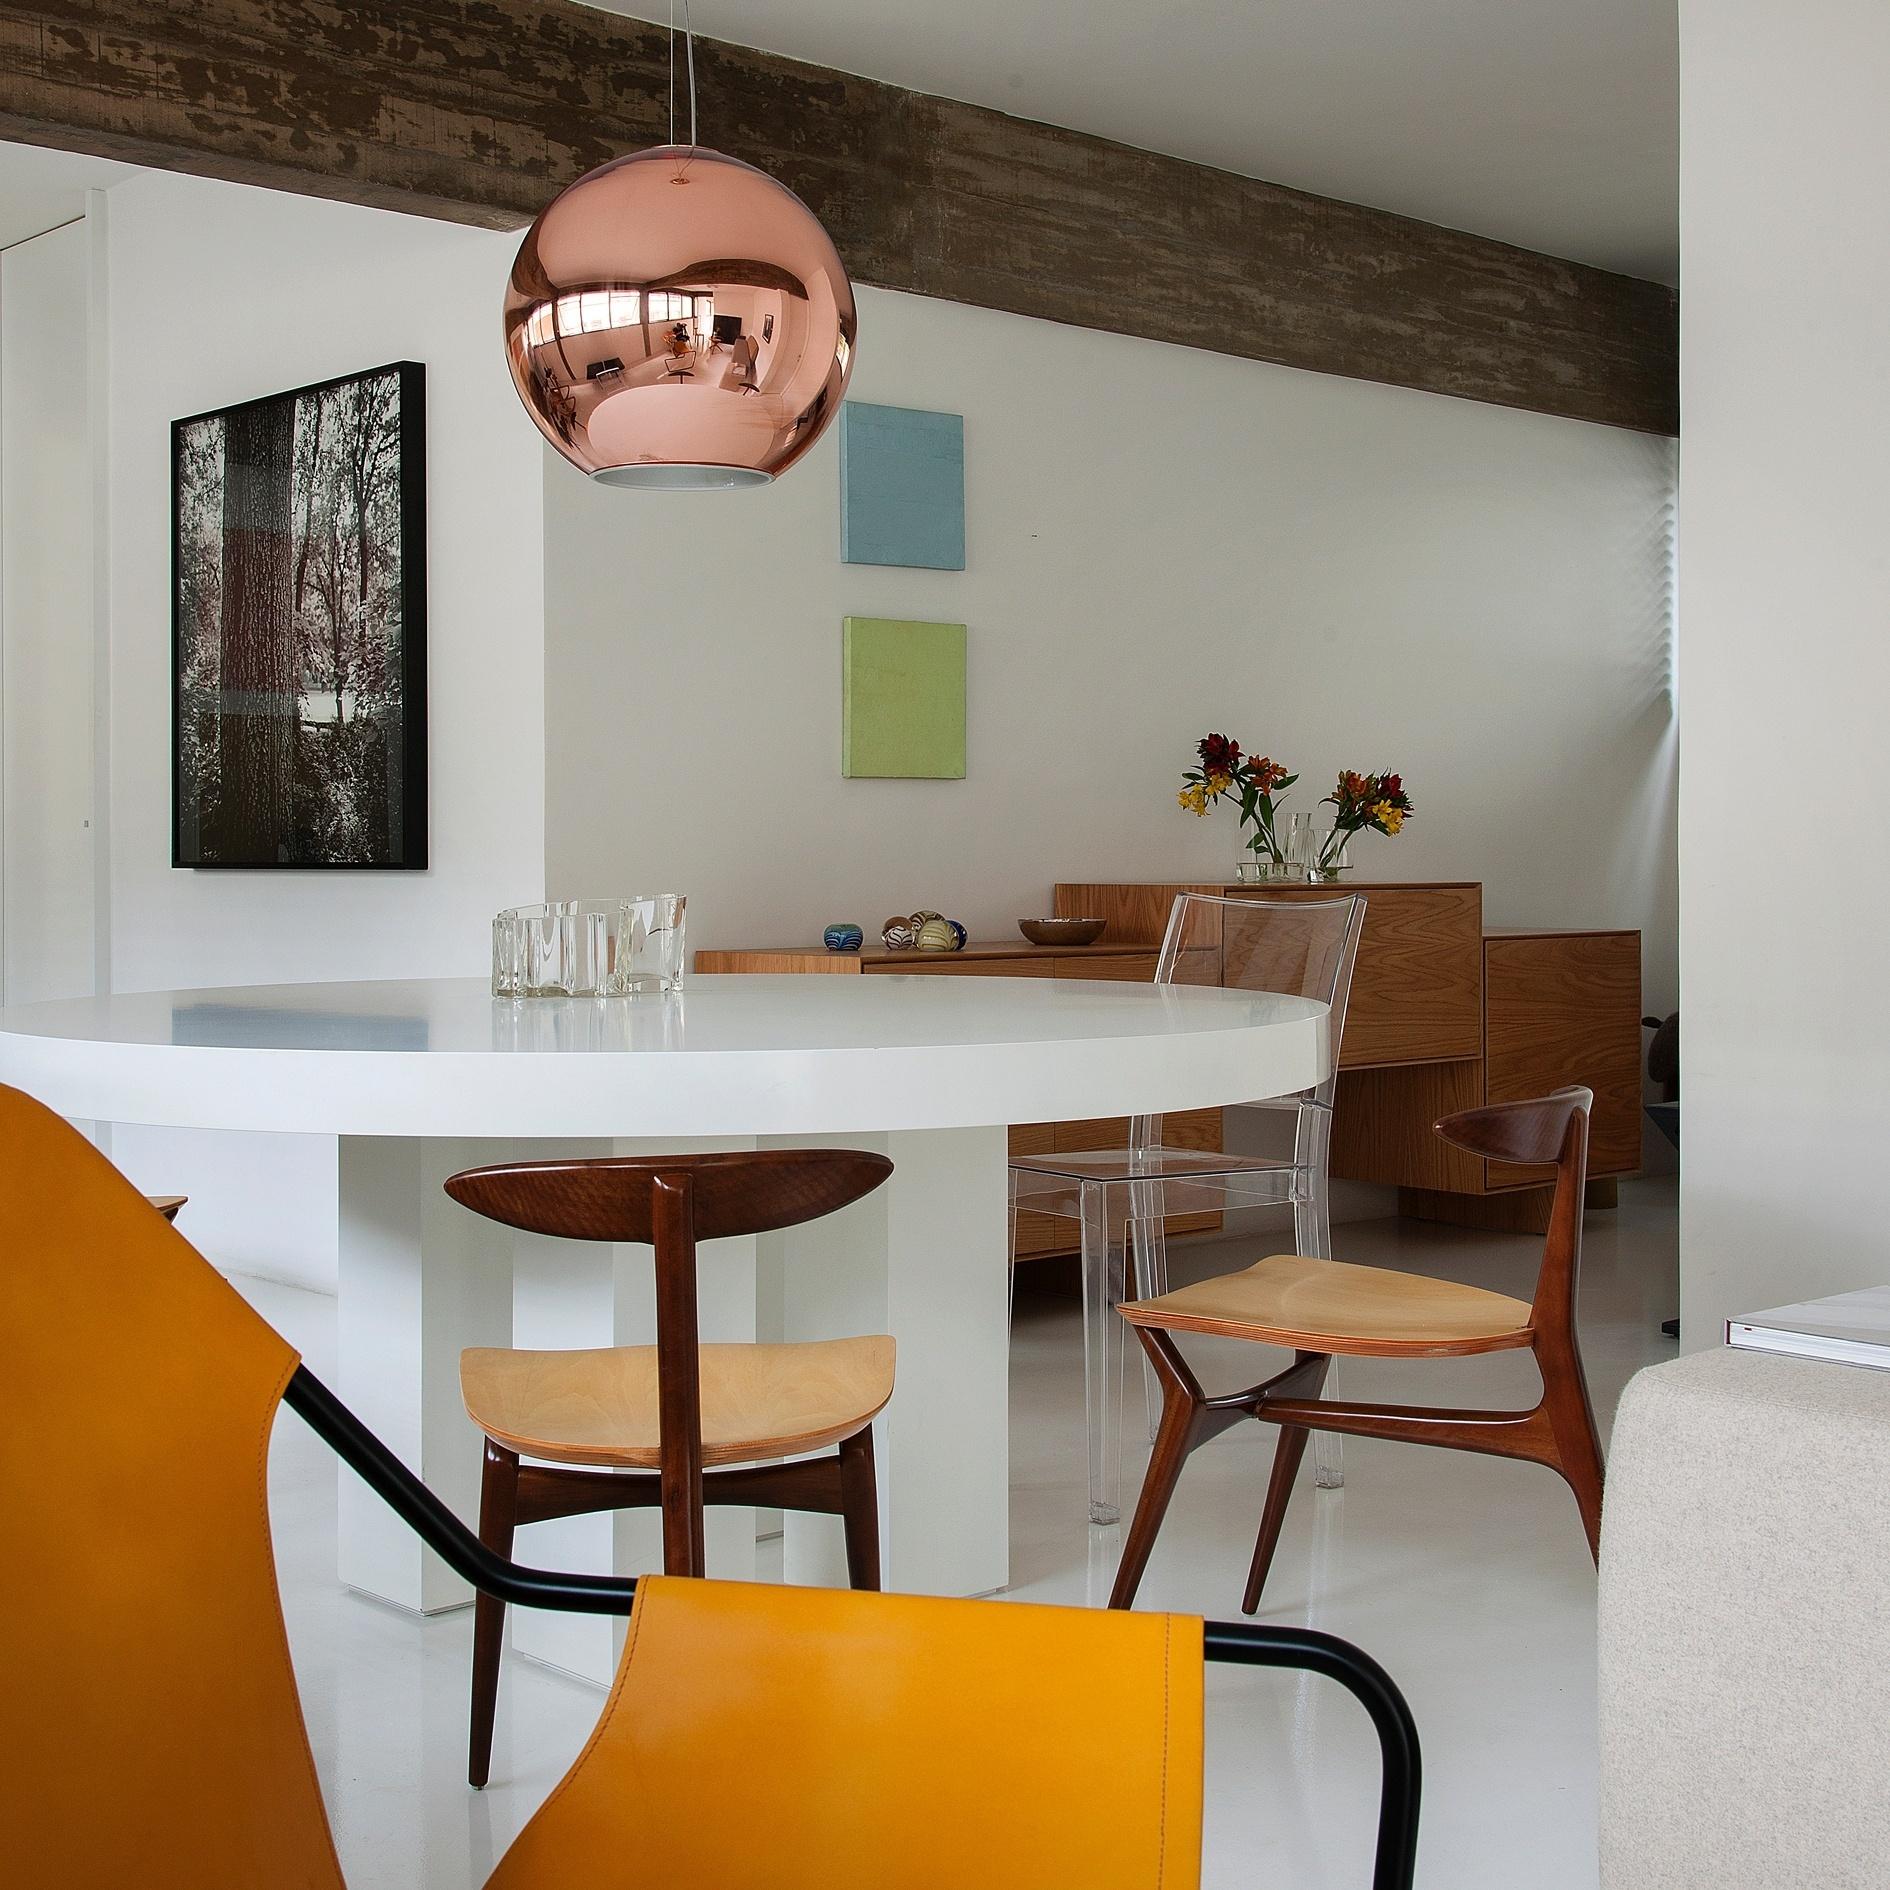 A mesa Lua, para jantar, tem design do próprio arquiteto Marcos Bertoldi, que projeta a reforma da residência no Itaim, em São Paulo: em madeira, ela tem acabamento em laca brilhante (tampo) e madeira texturizada (pés). Para ela, foram escolhidas cadeiras de três pés que remontam ao estilo